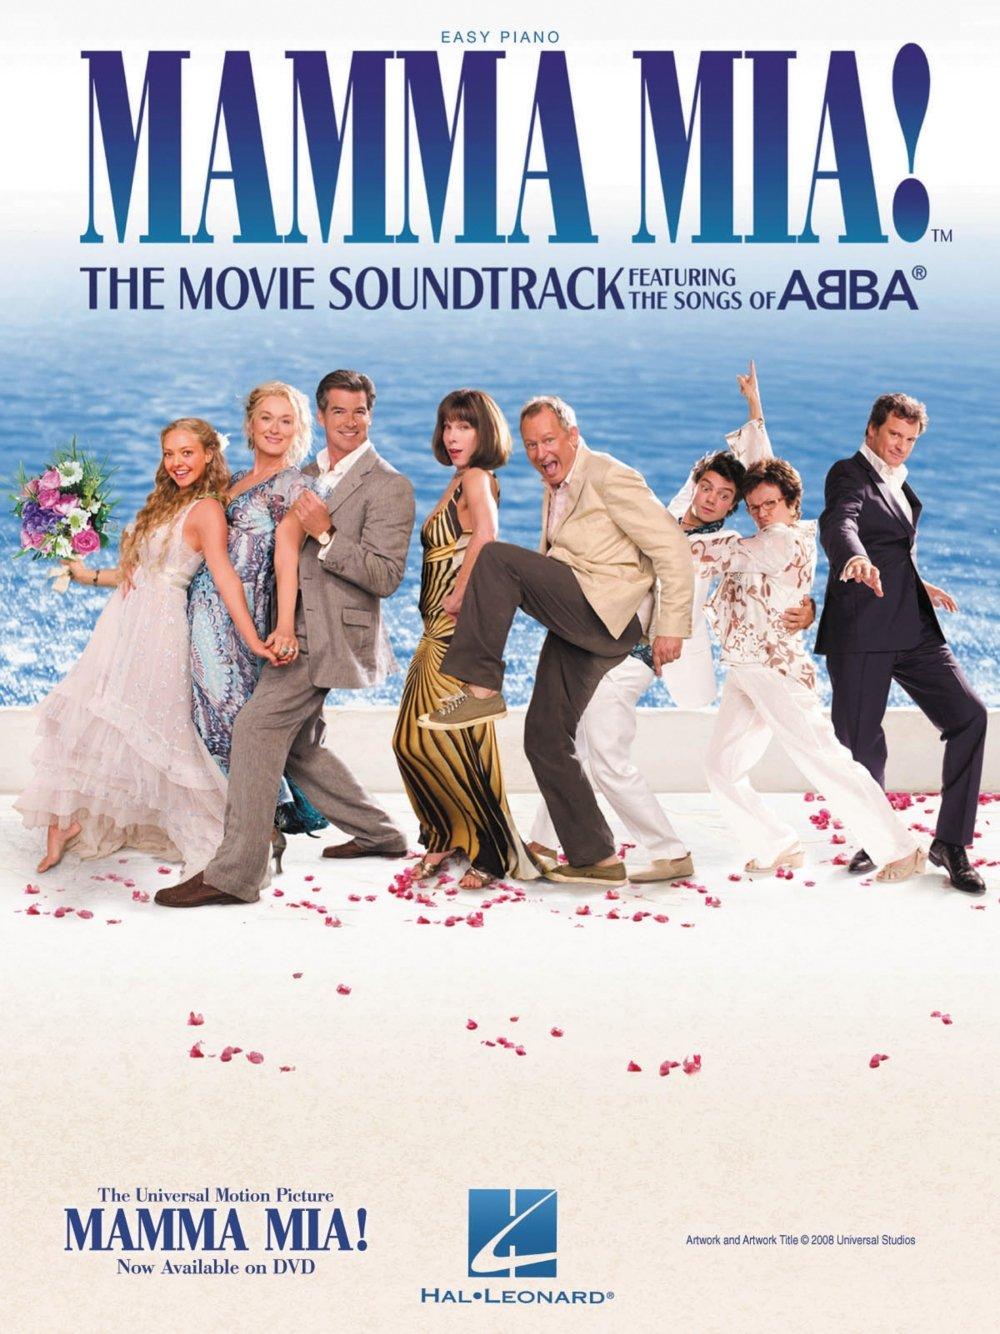 Hal Leonard Mamma Mia - The Movie Soundtrack For Easy Piano: Hal Leonard:  0884088425708: Amazon.com: Books